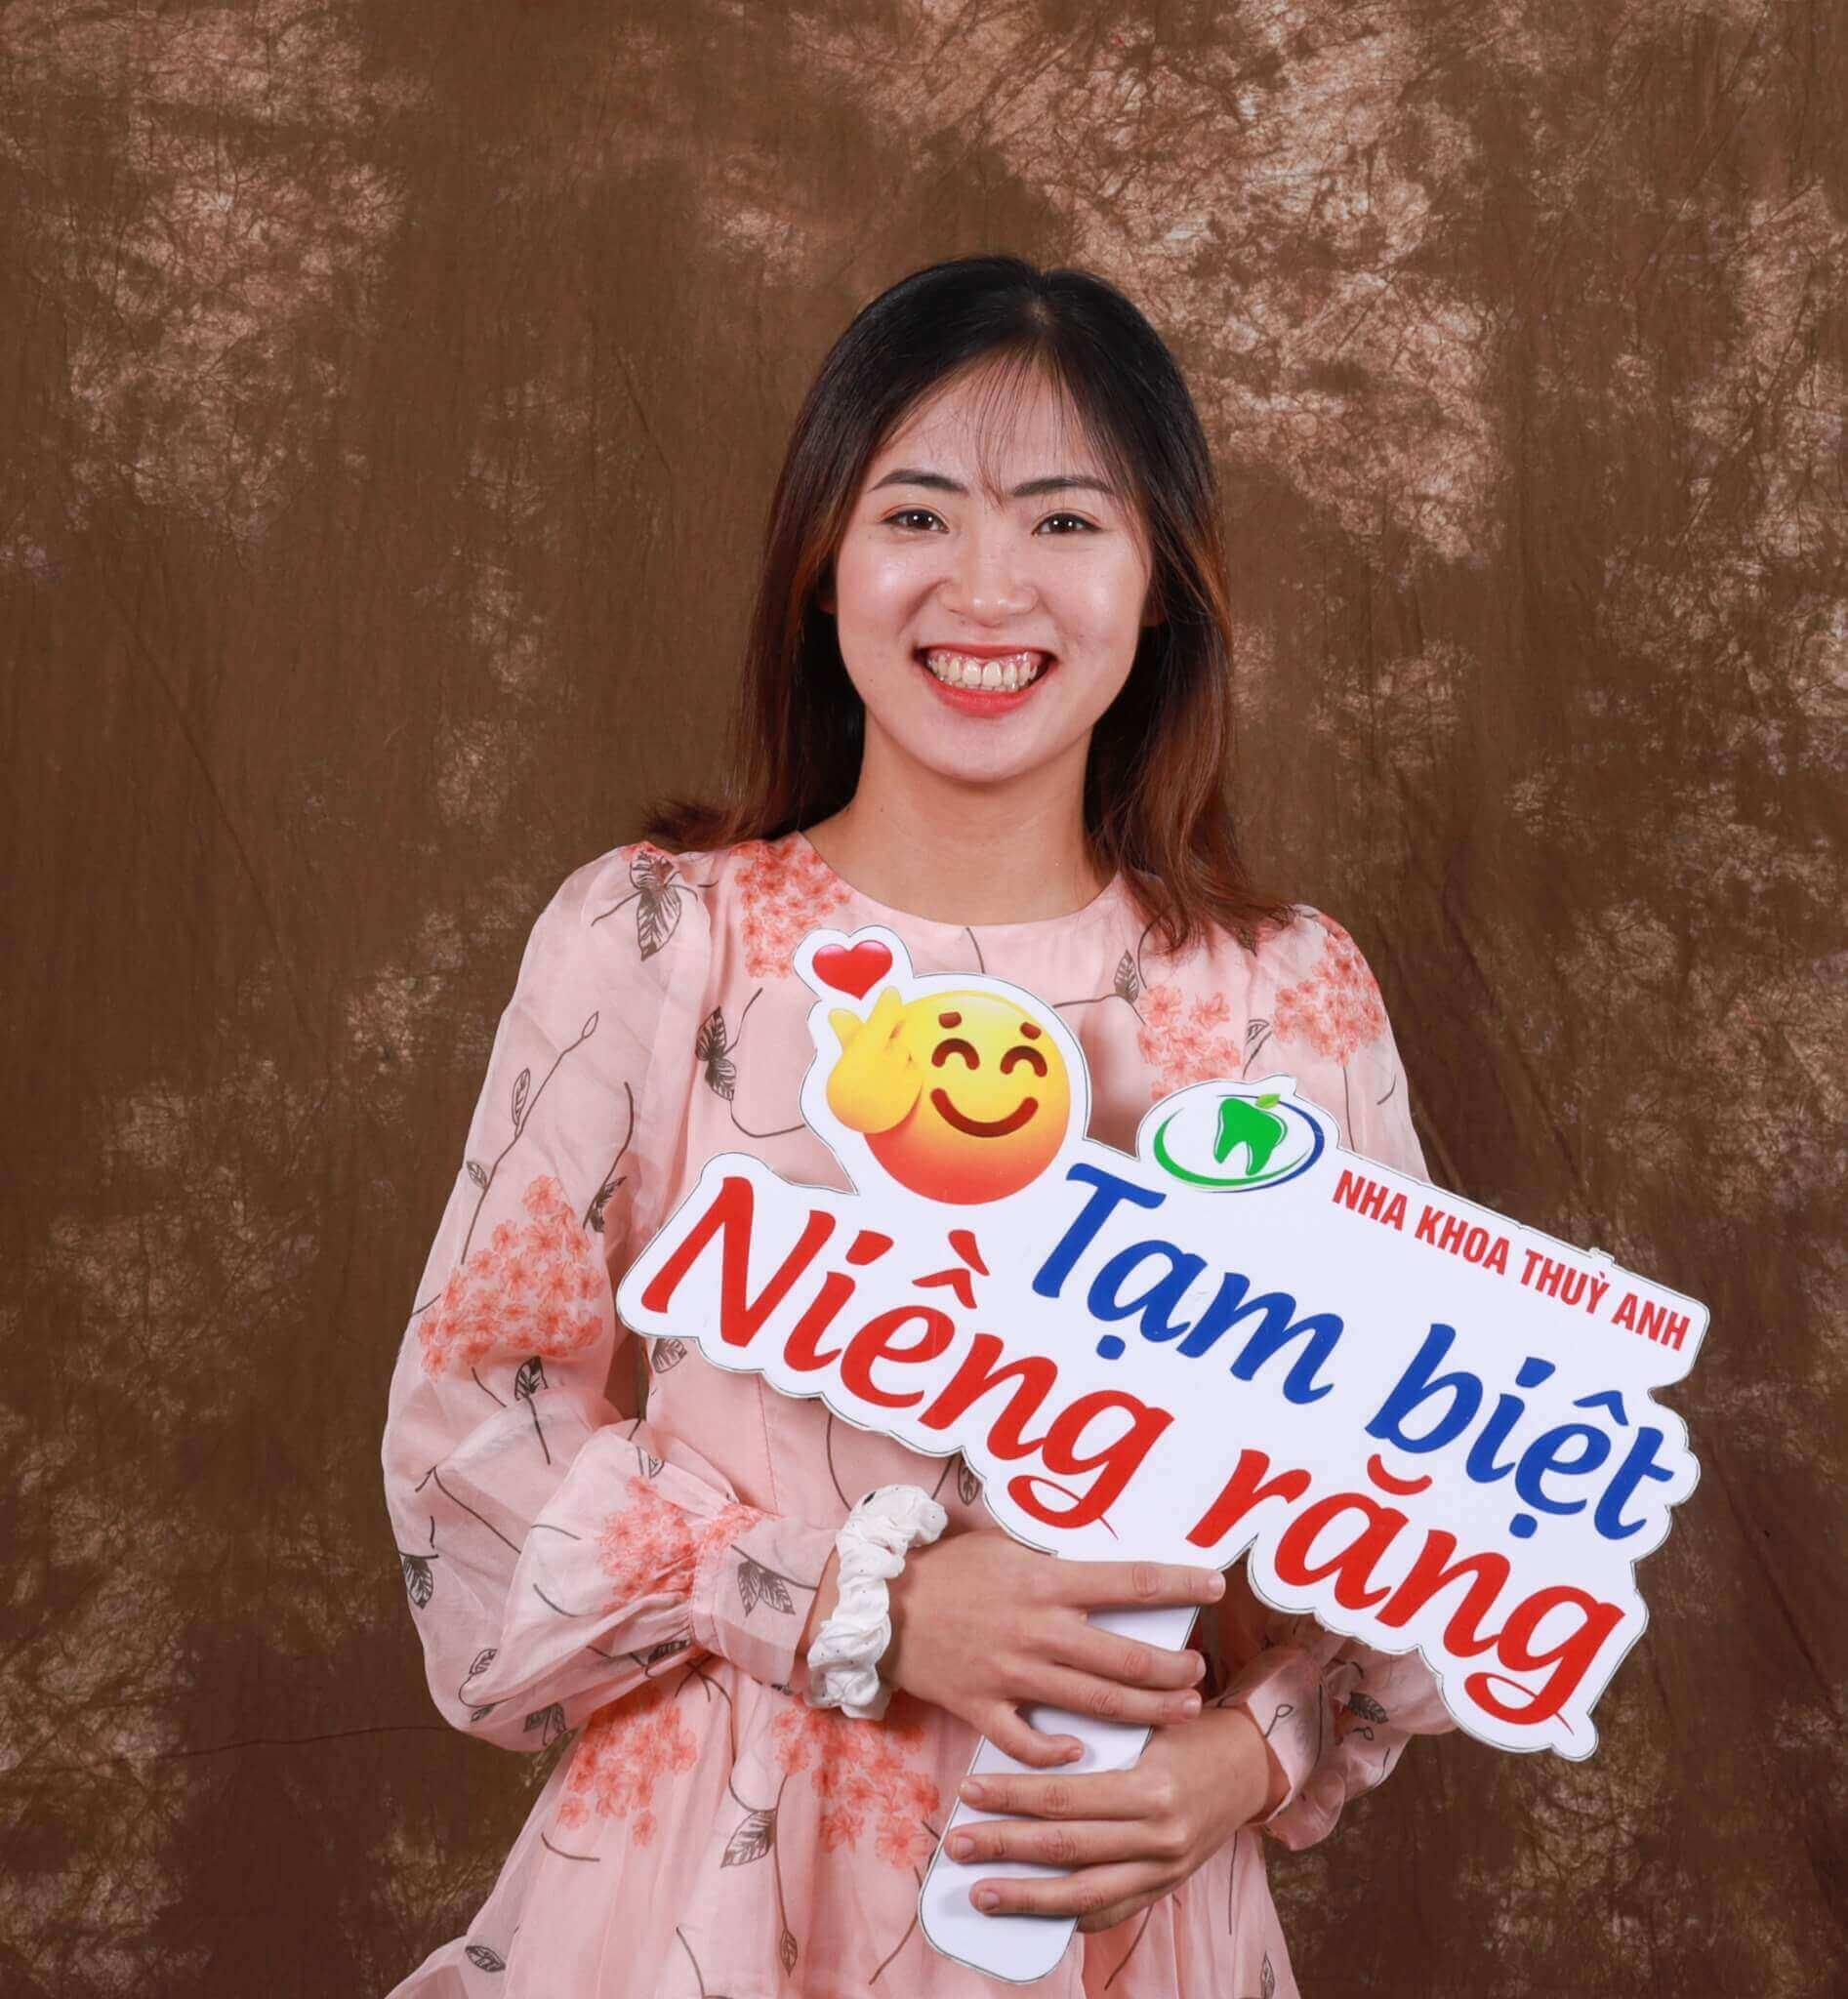 Quyết tâm và kiên định với lựa chọn của mình, Thuỳ Trang đã có được một nụ cười như ý sau 2 năm 3 tháng niềng răng hô, lệch lạc